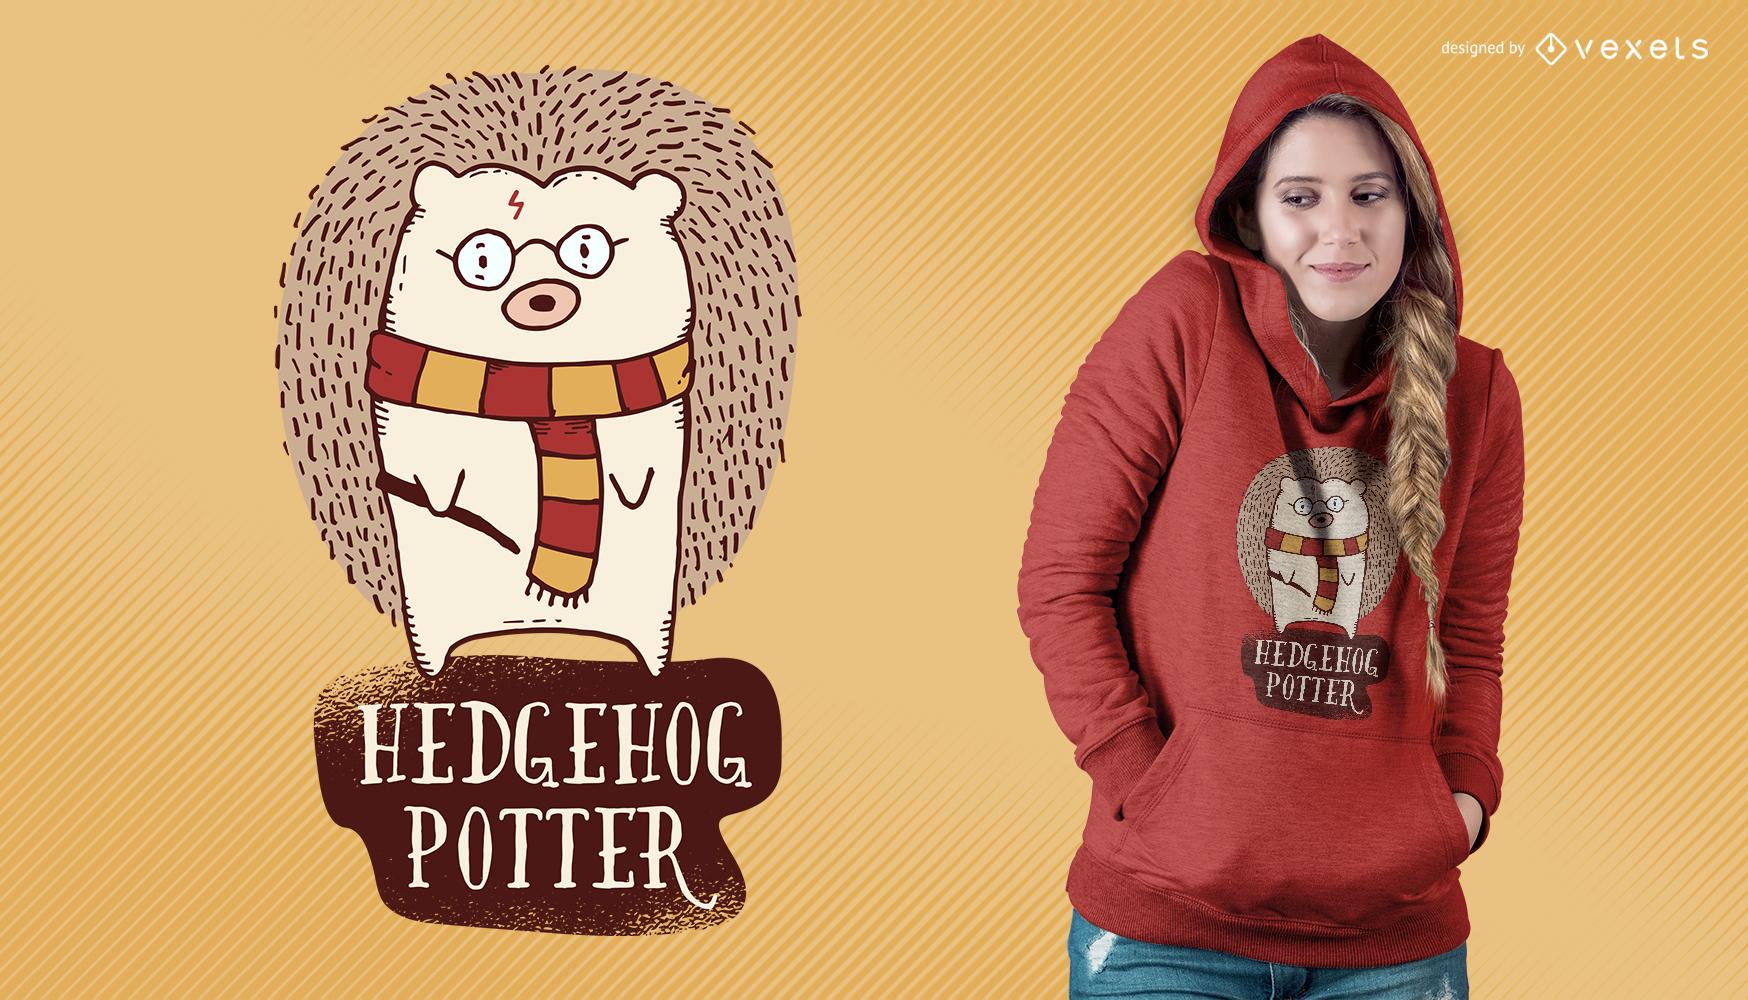 Hedgehog Potter Parody T-shirt Design